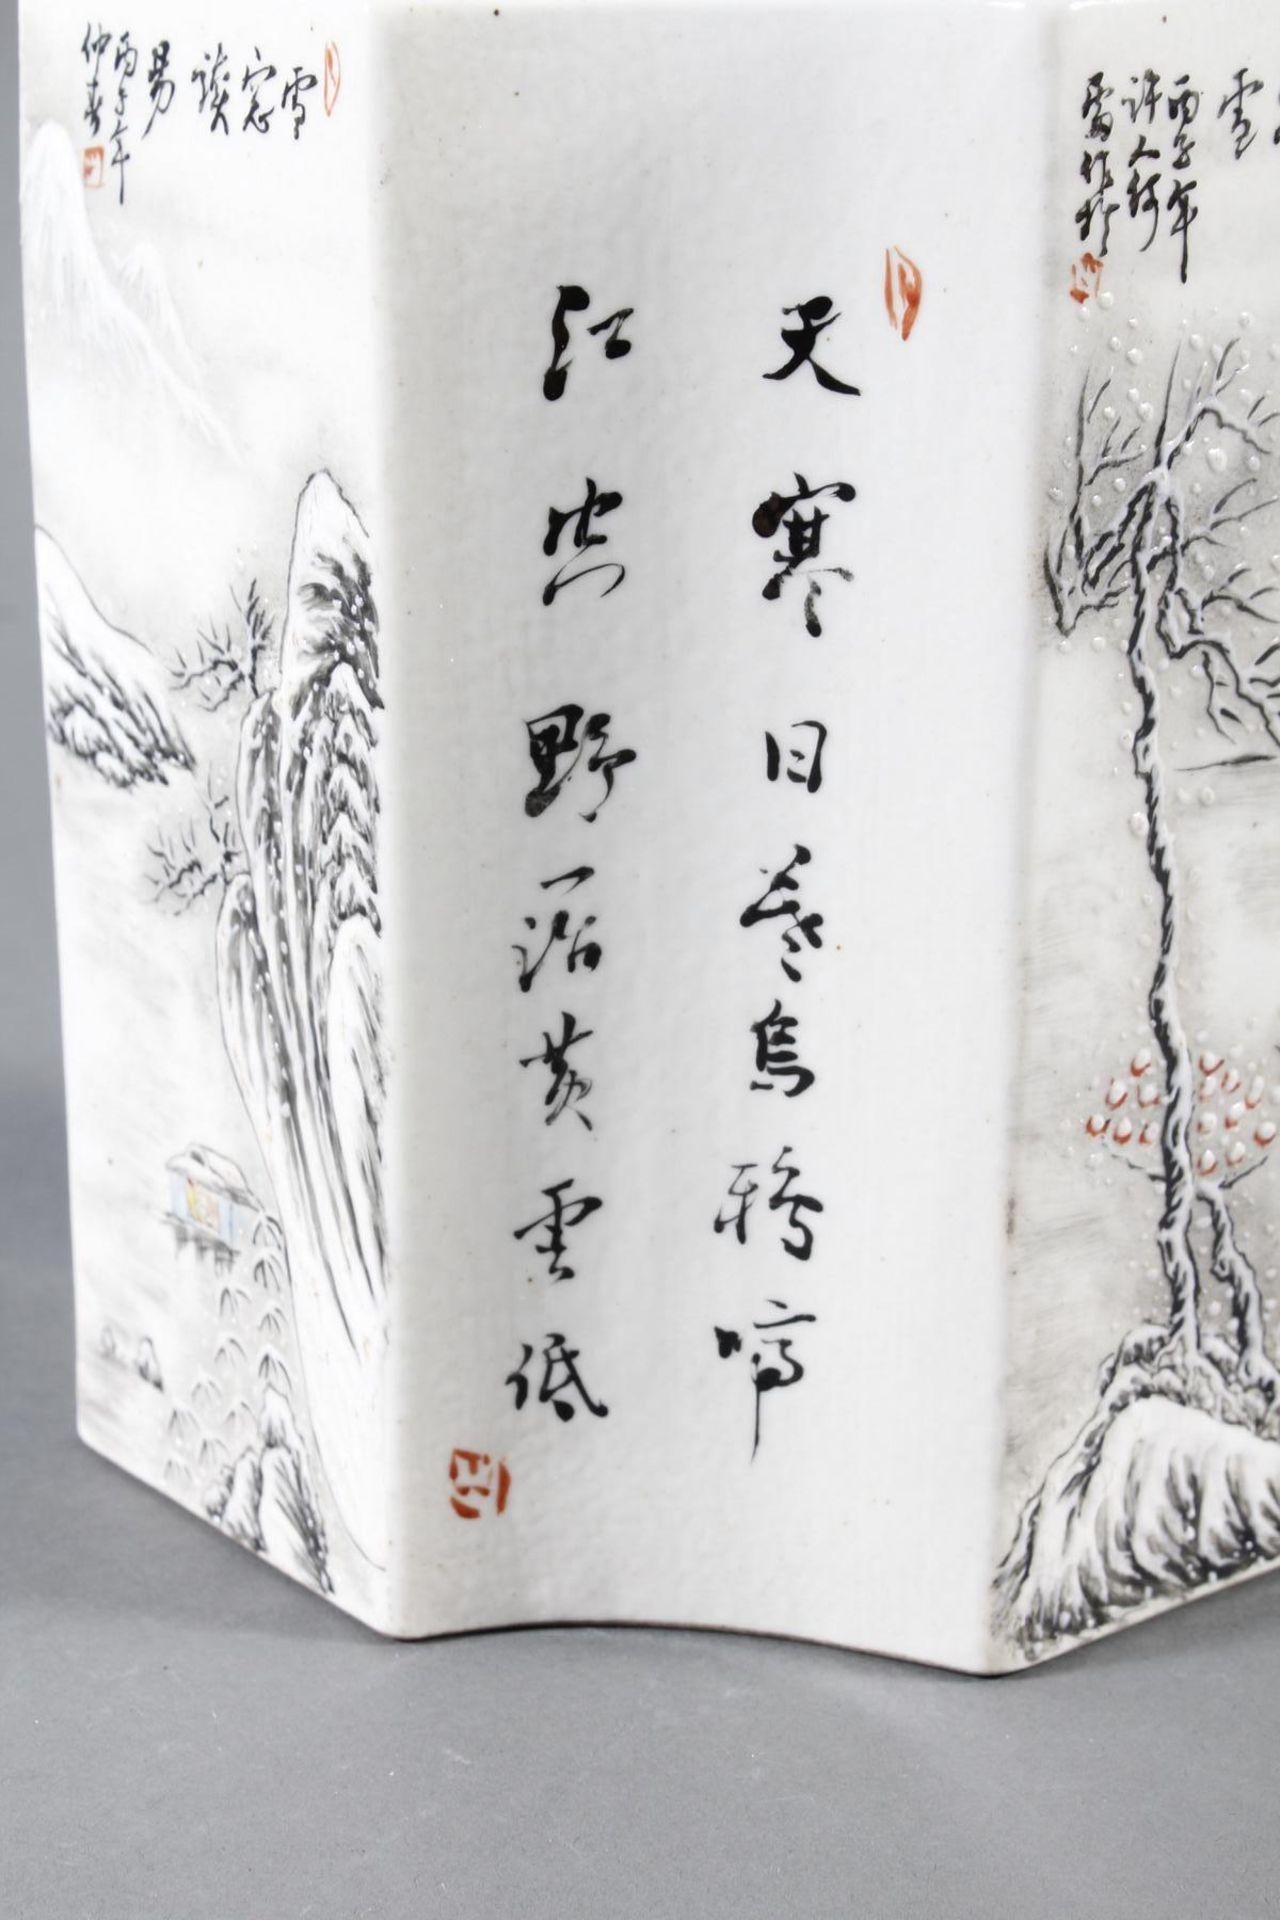 Porzellan-Pinselbehälter, China, Mitte 20. Jahrhundert - Bild 12 aus 15